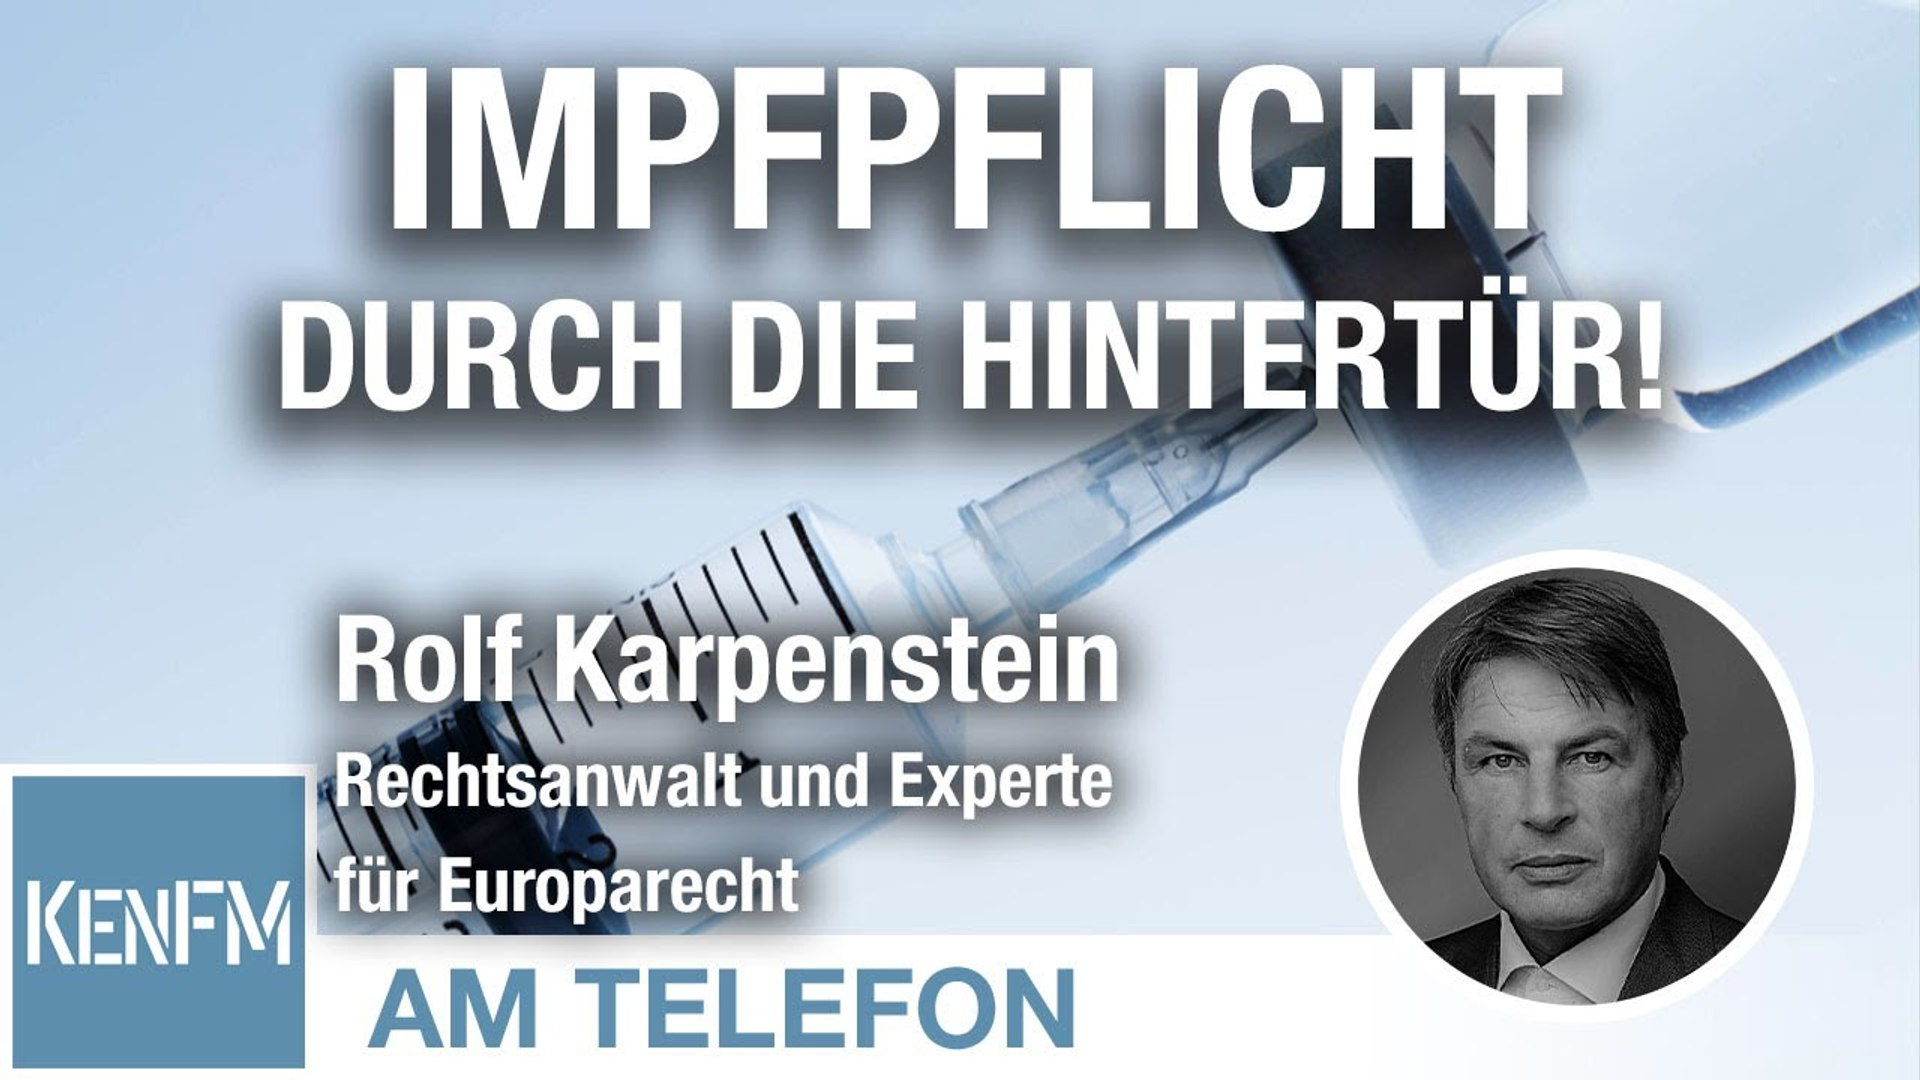 Am Telefon zur Impfpflicht durch die Hintertür: Rolf Karpenstein